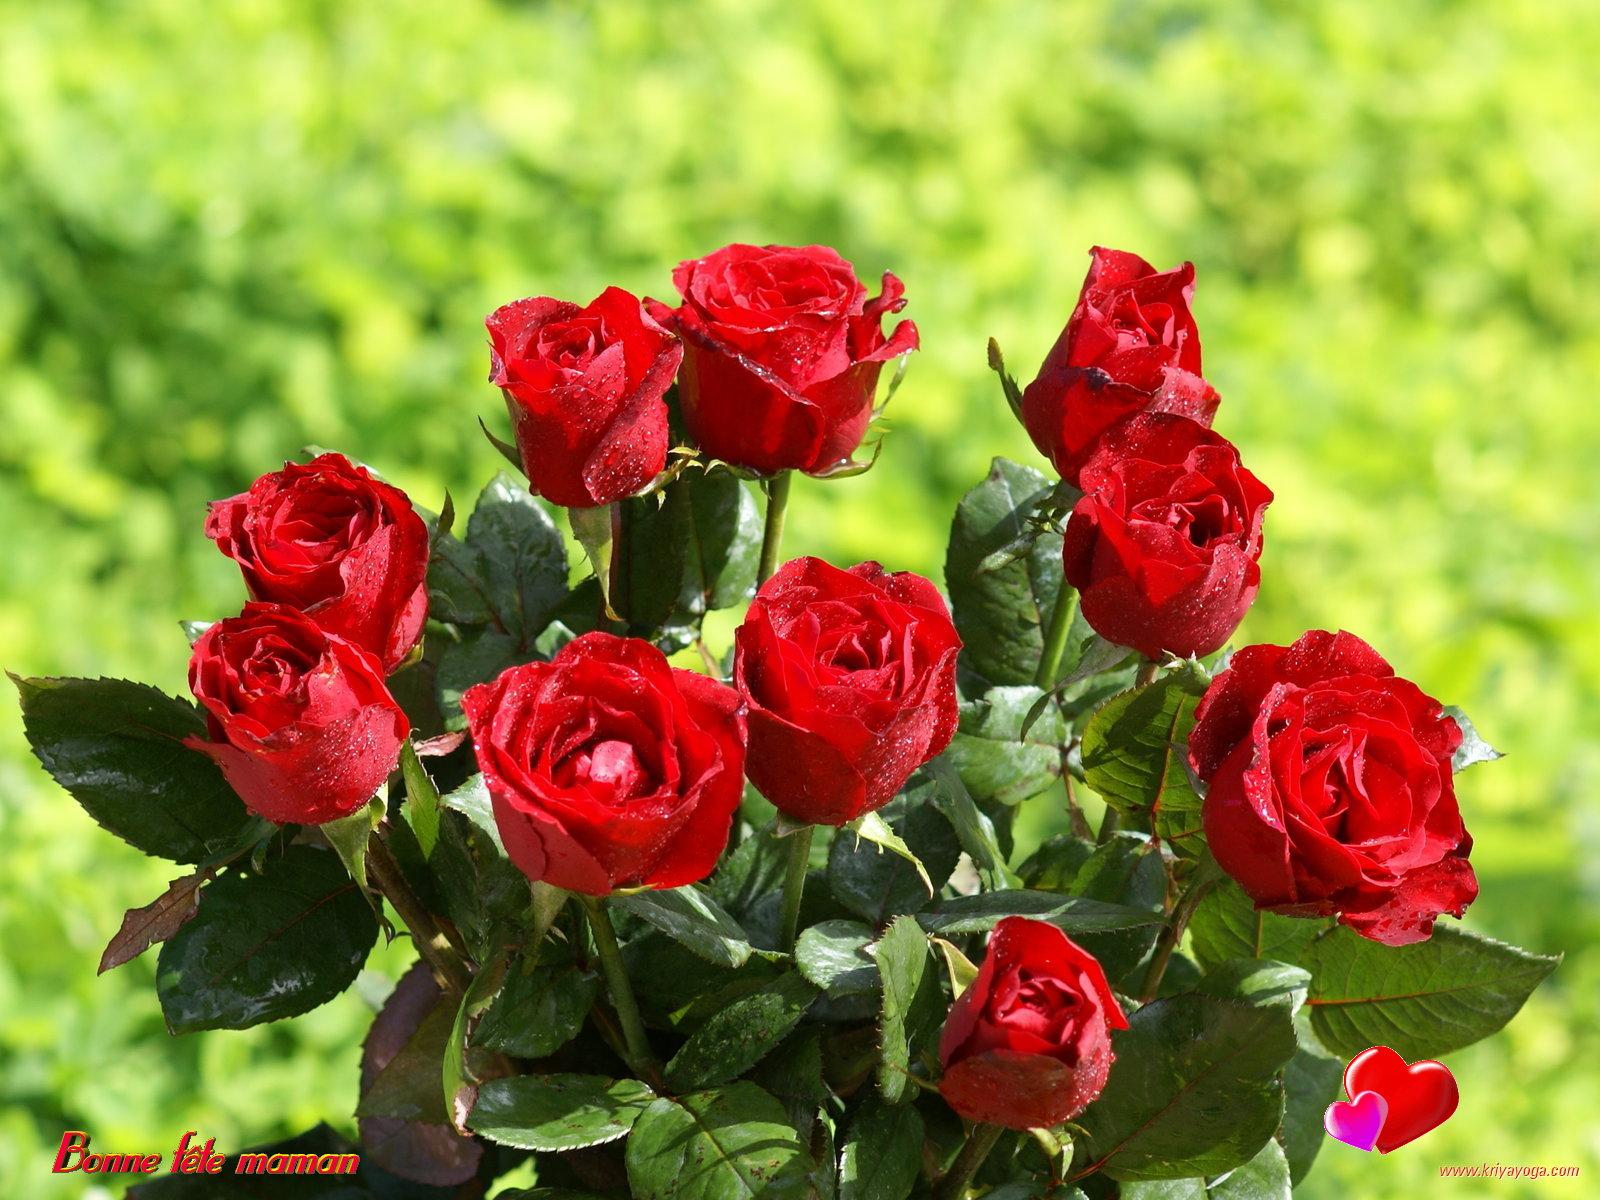 F te des m res fond cran roses et fleurs for Fond ecran rose